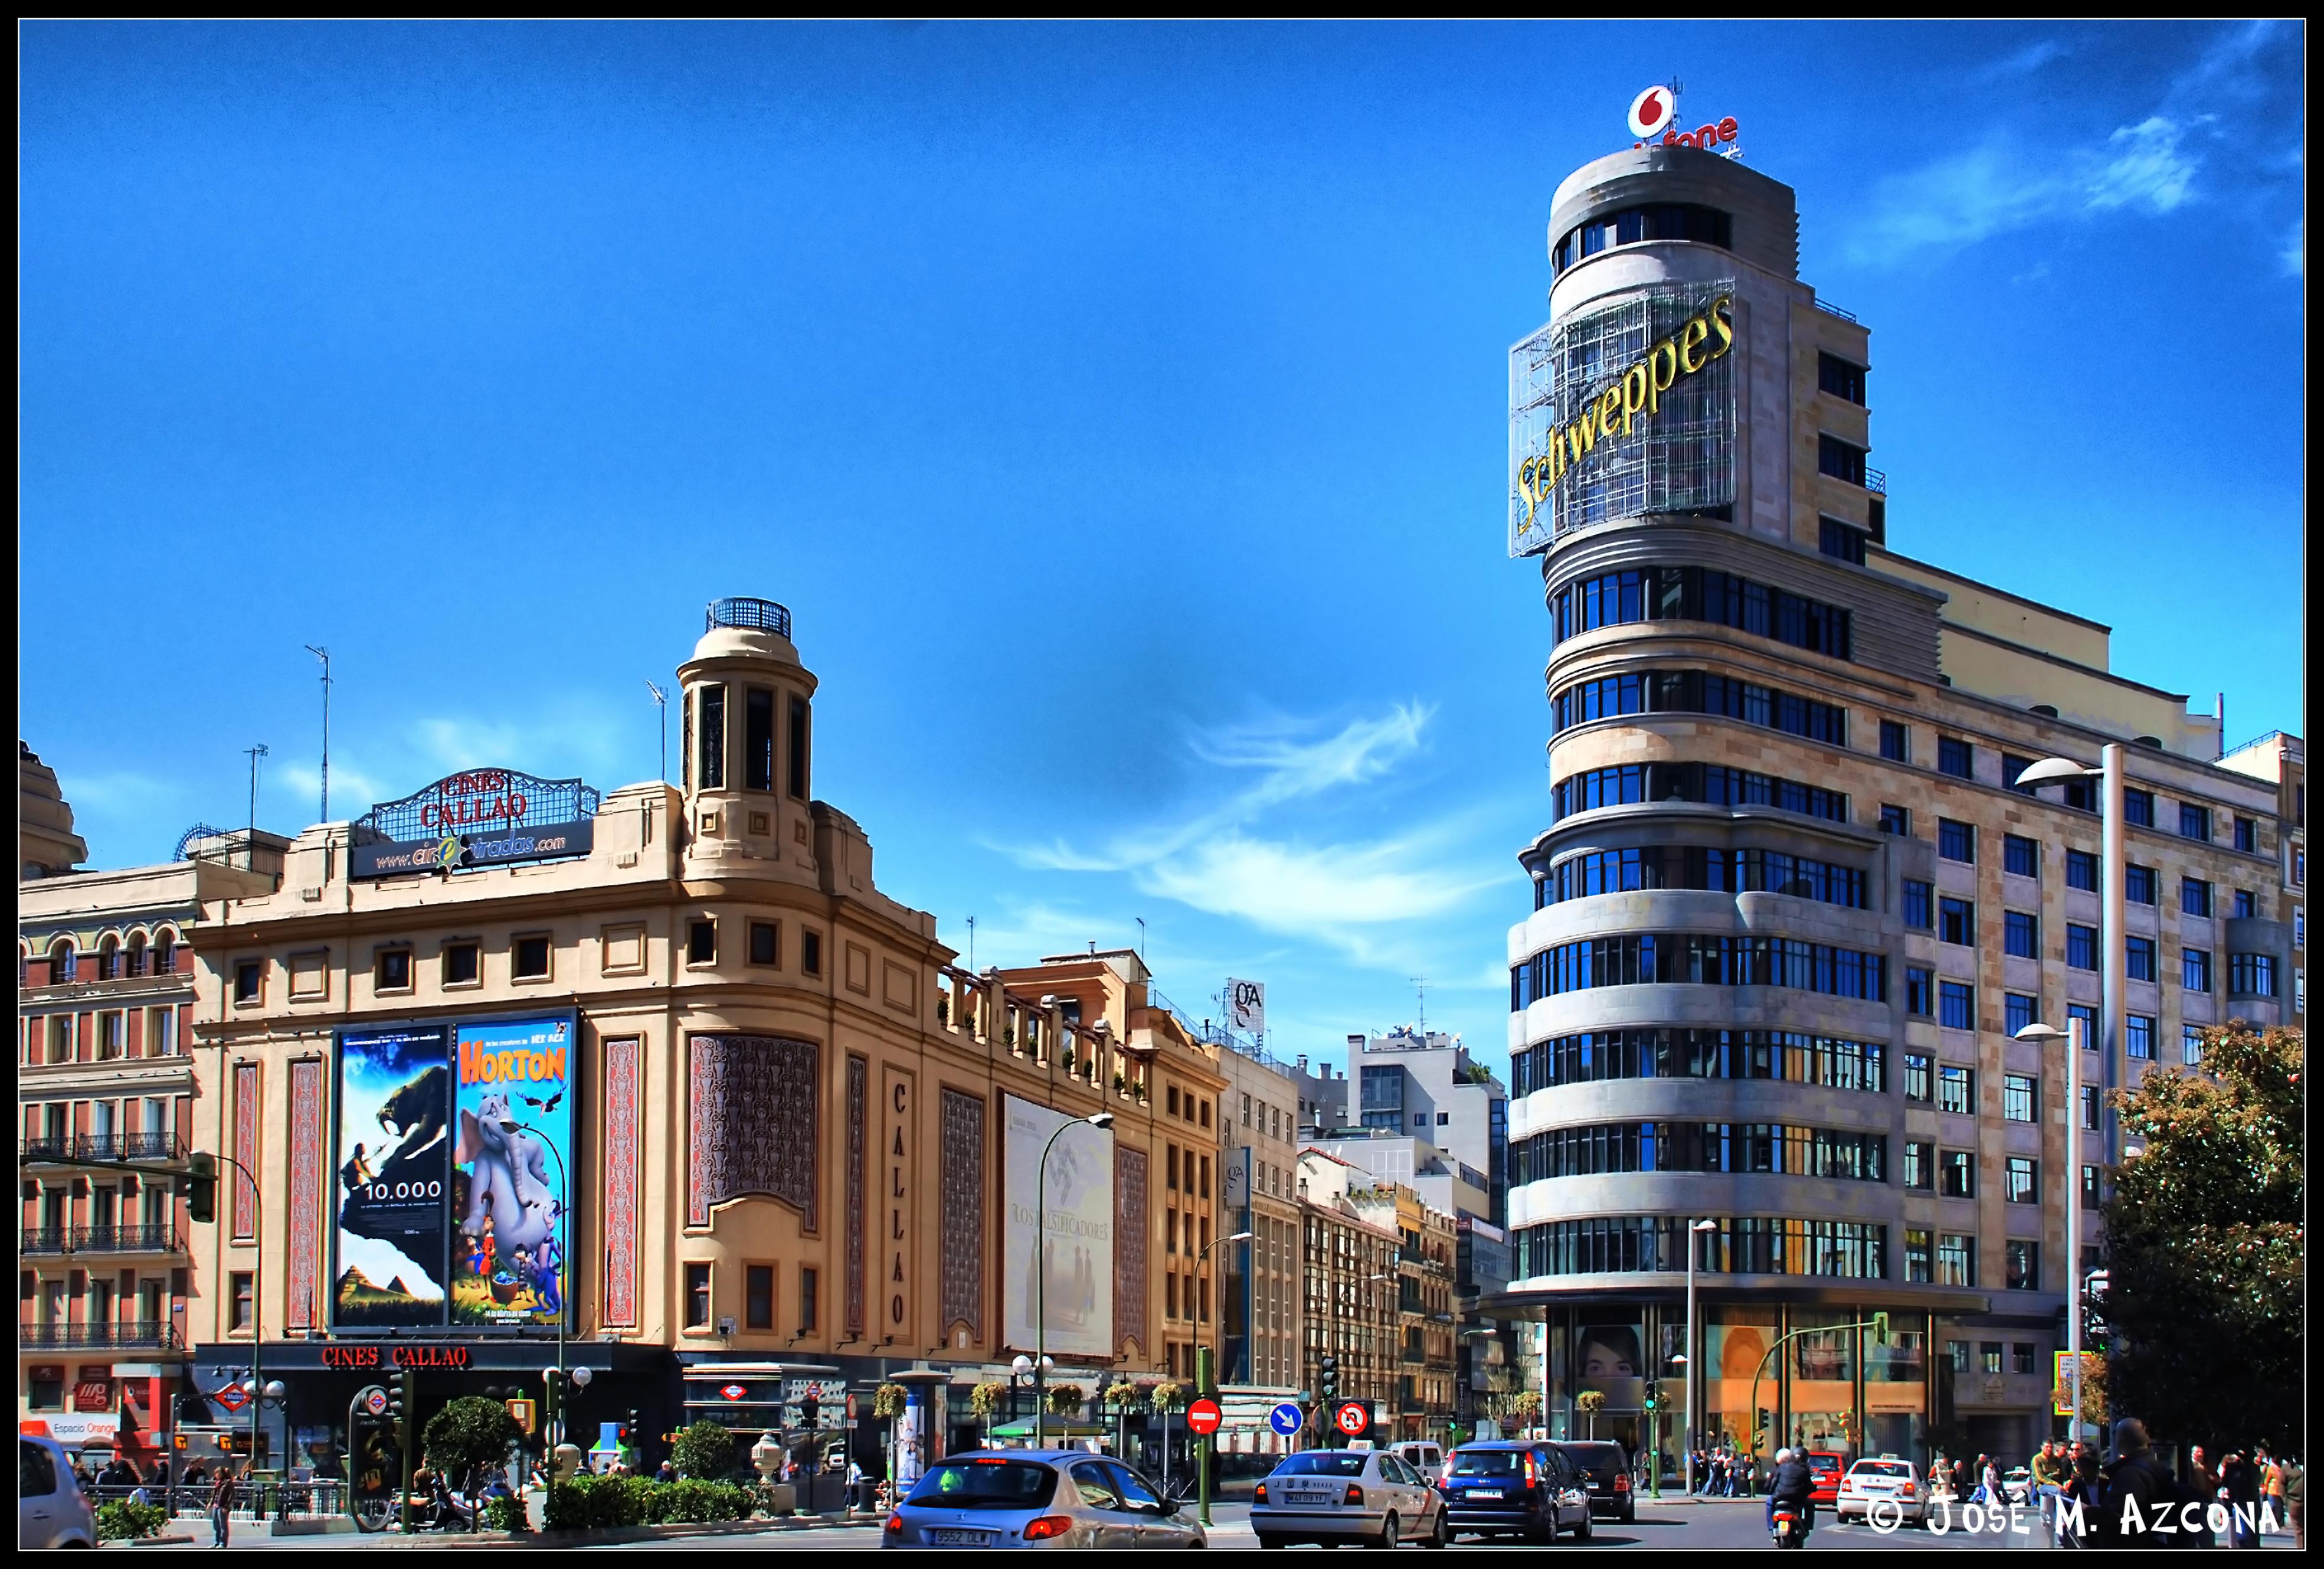 Madrid plaza de callao flickr photo sharing - Garden center madrid ...